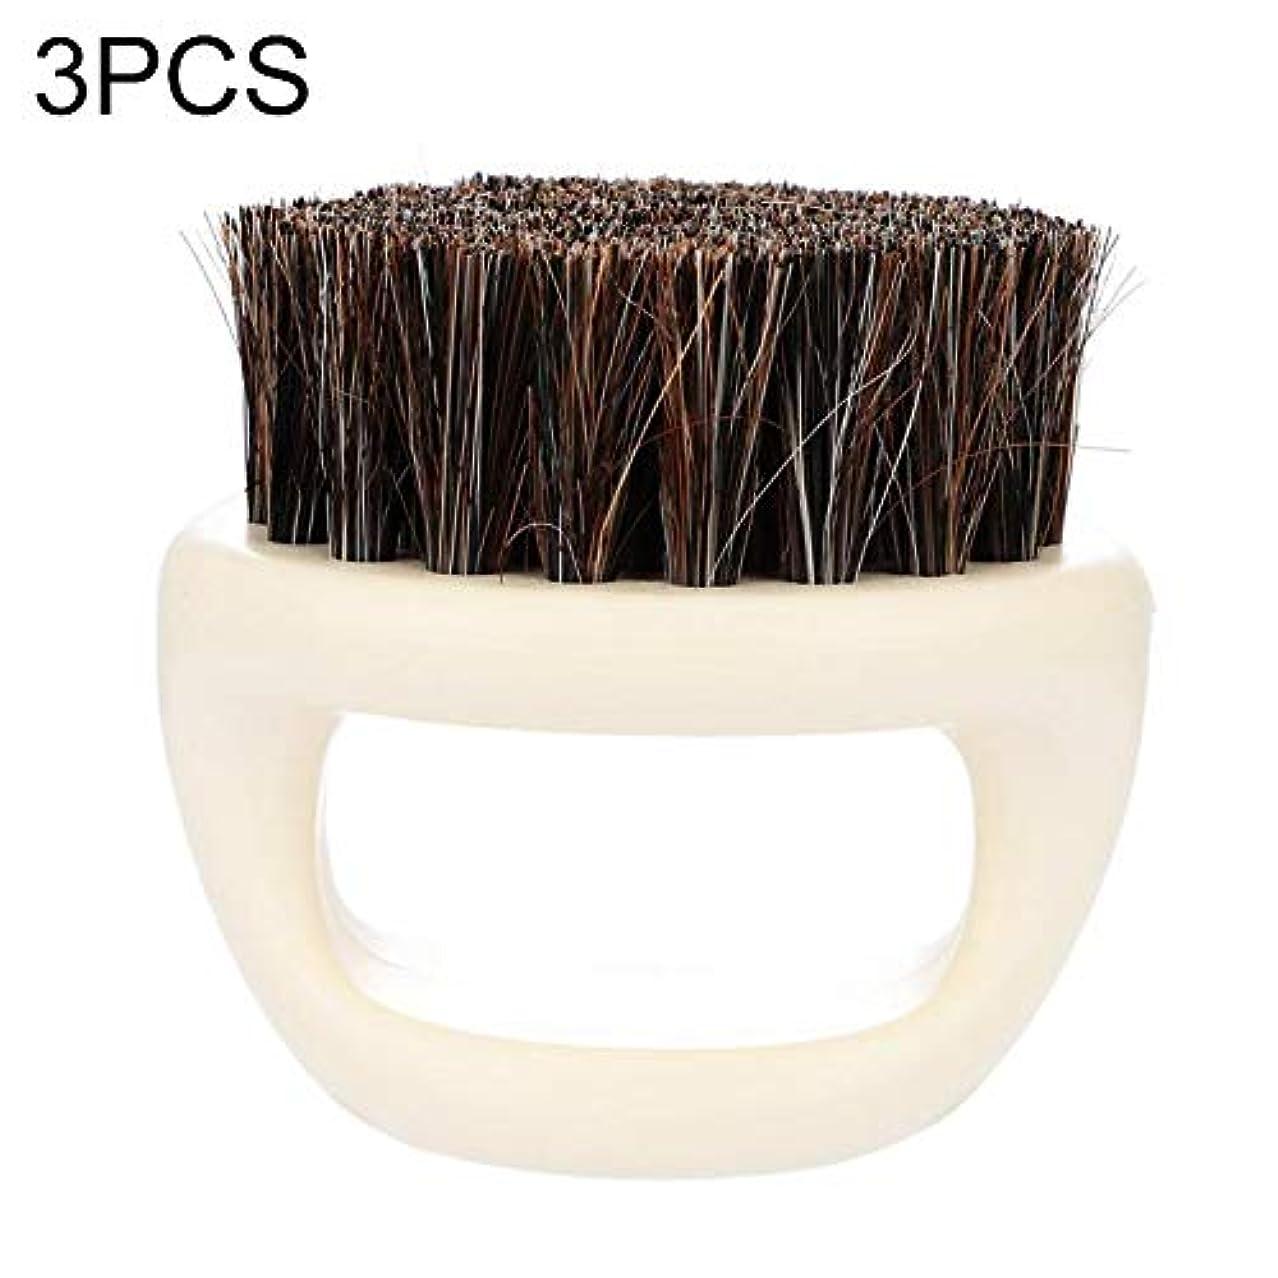 化学唯一称賛WTYD 美容ヘアツール 3 PCSメンズリングデザインポータブルボアブラシホワイトABSヘアカットクリーニングシェービングブラシ (色 : Black)